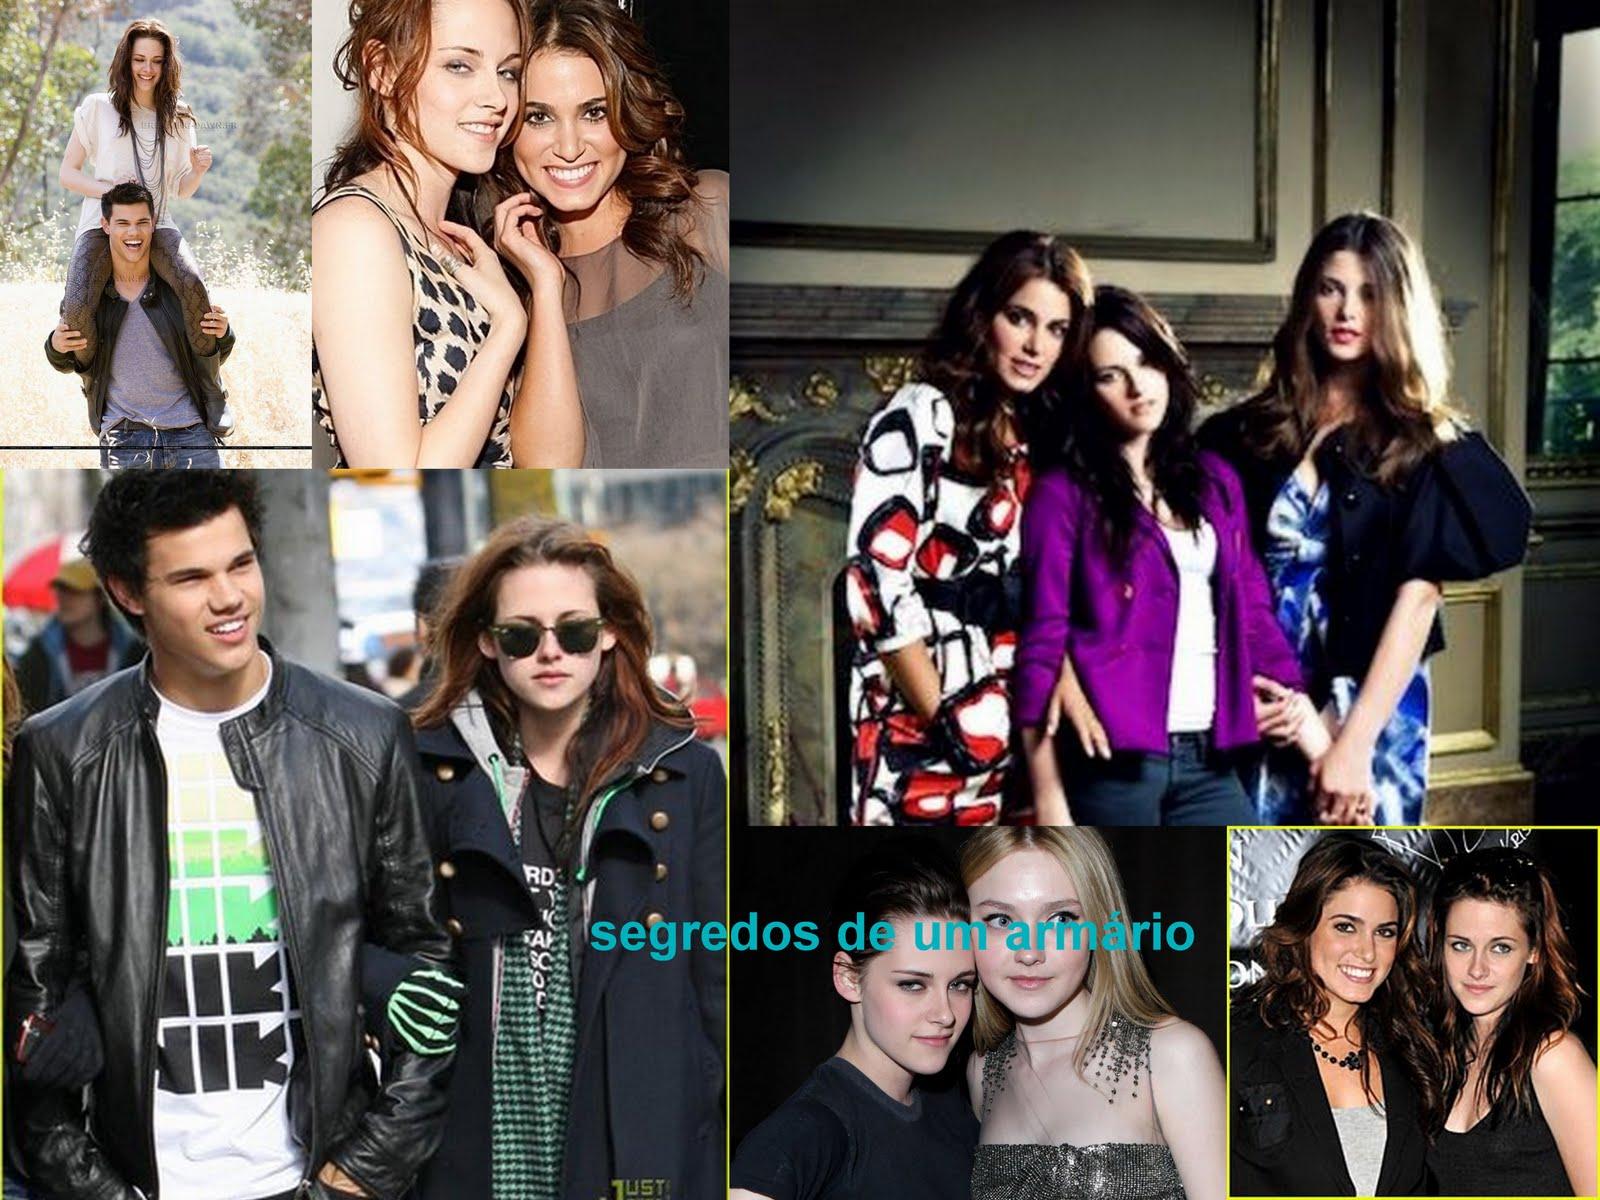 http://4.bp.blogspot.com/-y9PFthsVWMk/TlmXUy-1kPI/AAAAAAAAANY/19_zJ1slpGk/s1600/amigos+famosos1.jpg